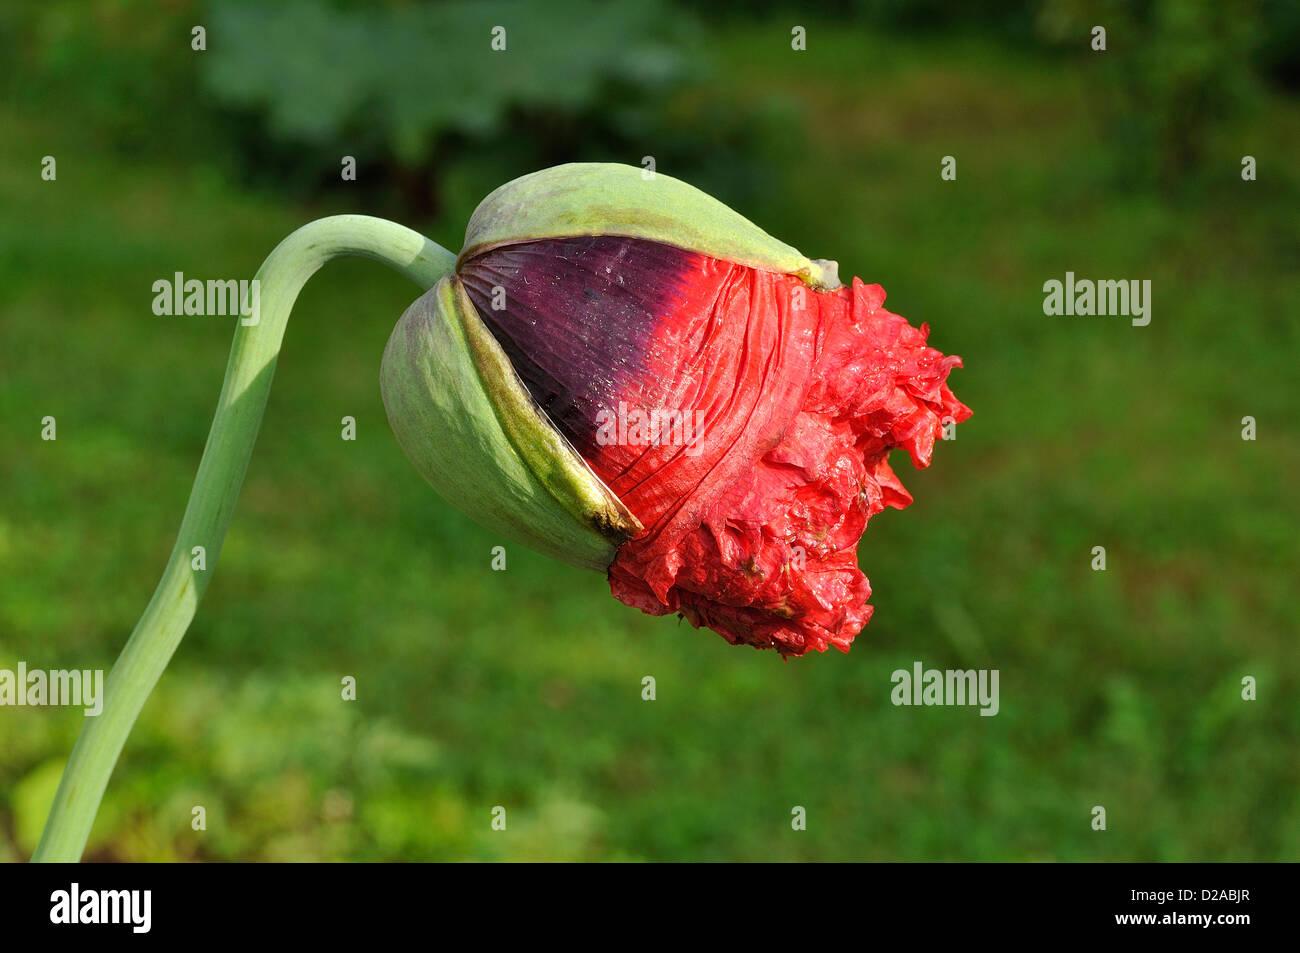 Poppy Or Opium Poppy Papaver Somniferum Button Of The Flower